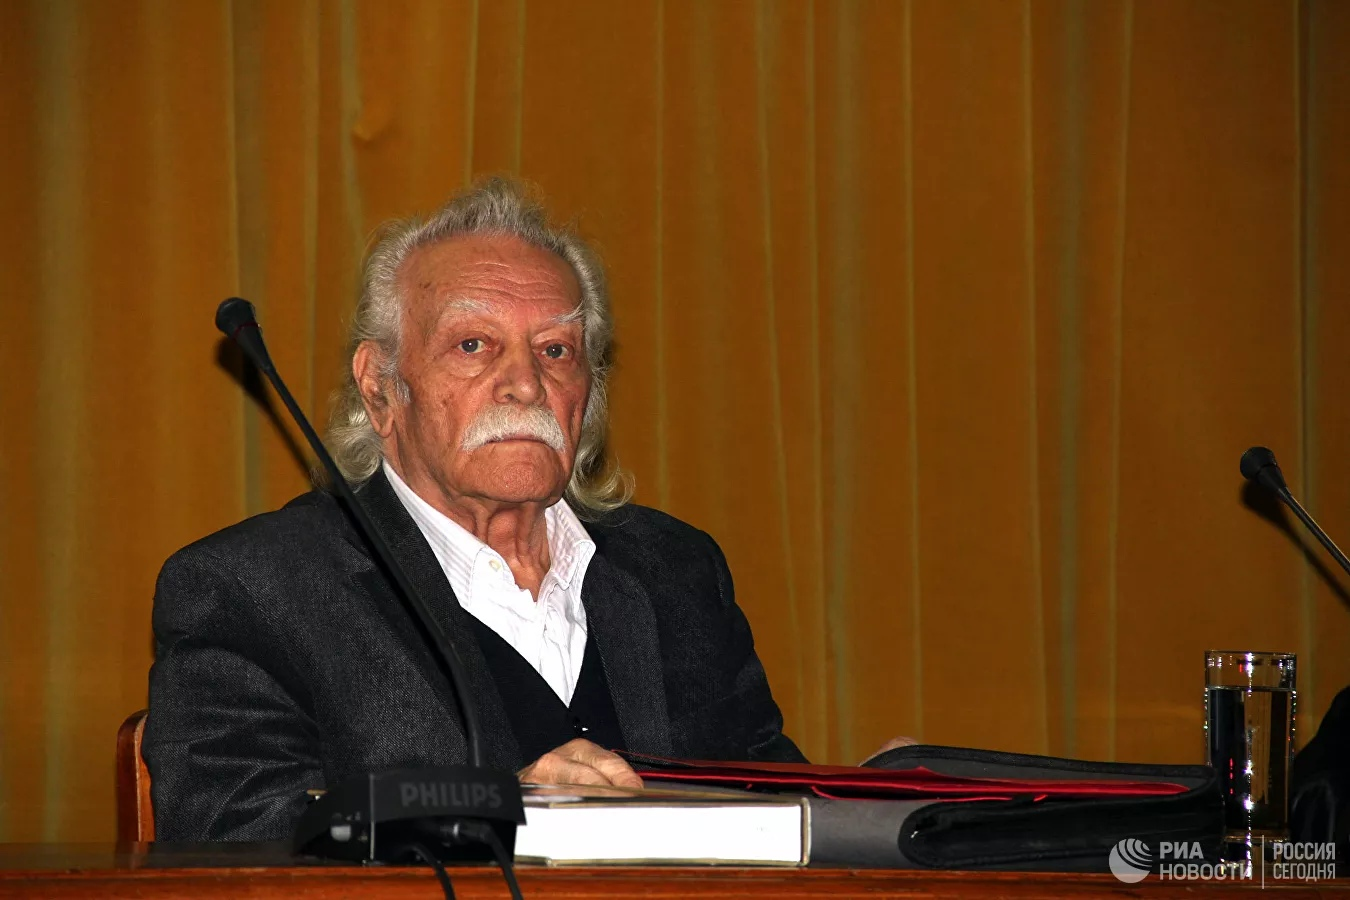 Умер «первый партизан Второй мировой войны» Манолис Глезос